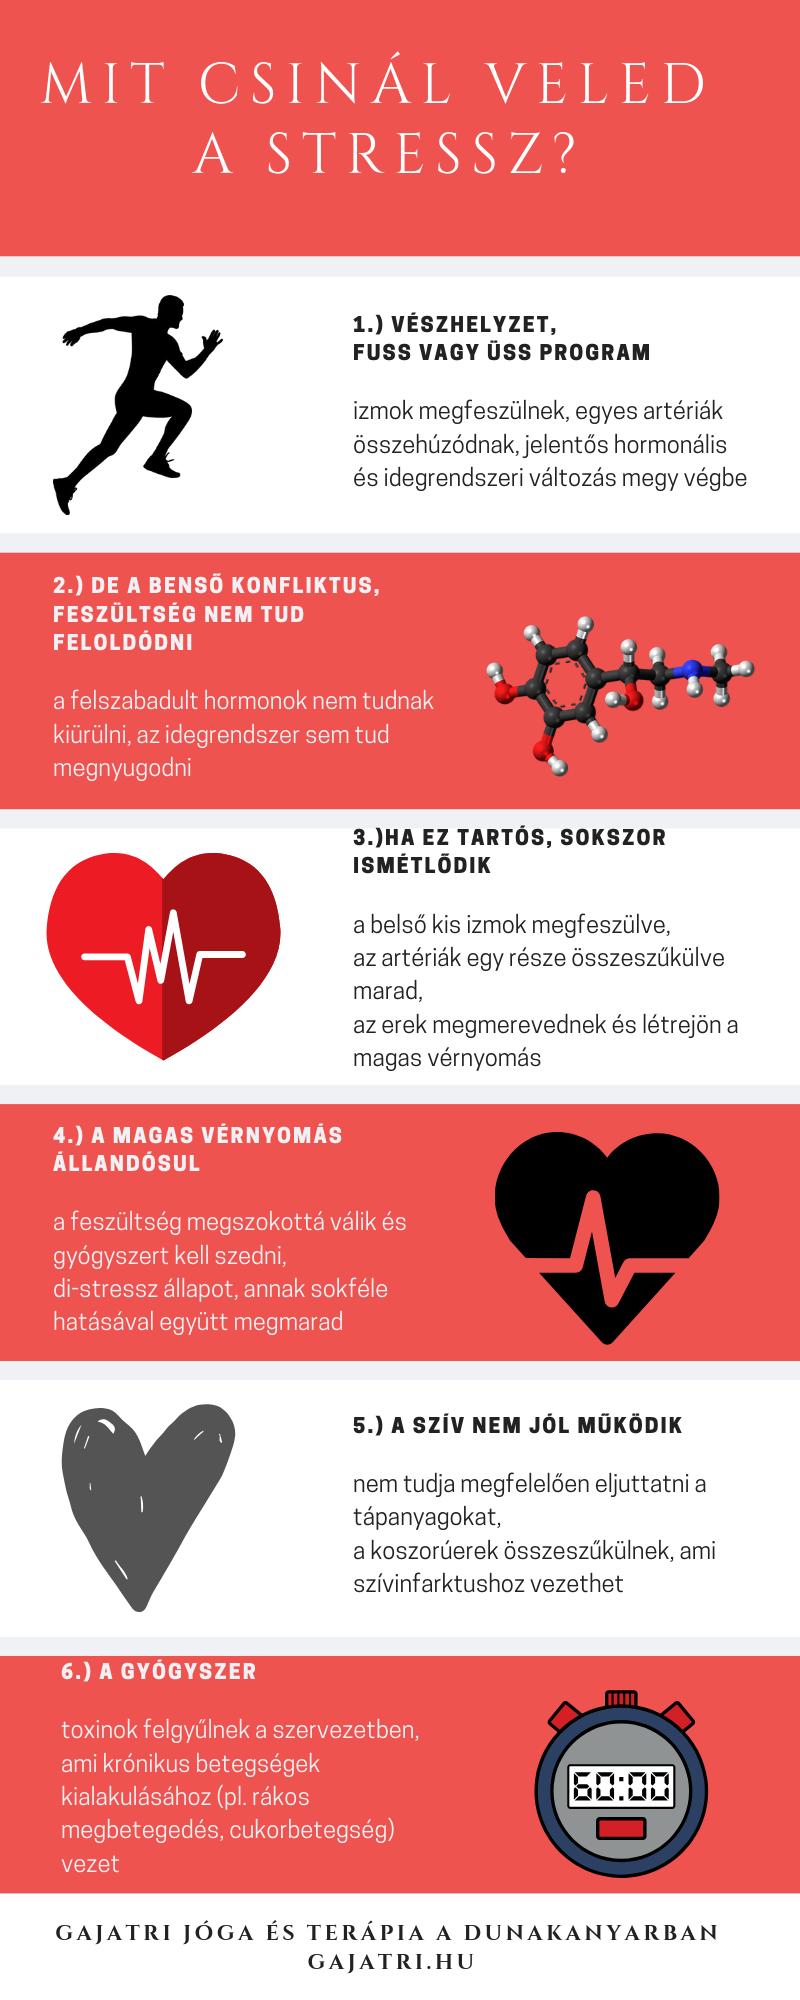 magas vérnyomás mit kell tenni ha a vérnyomás emelkedik Yandex termékek magas vérnyomás ellen